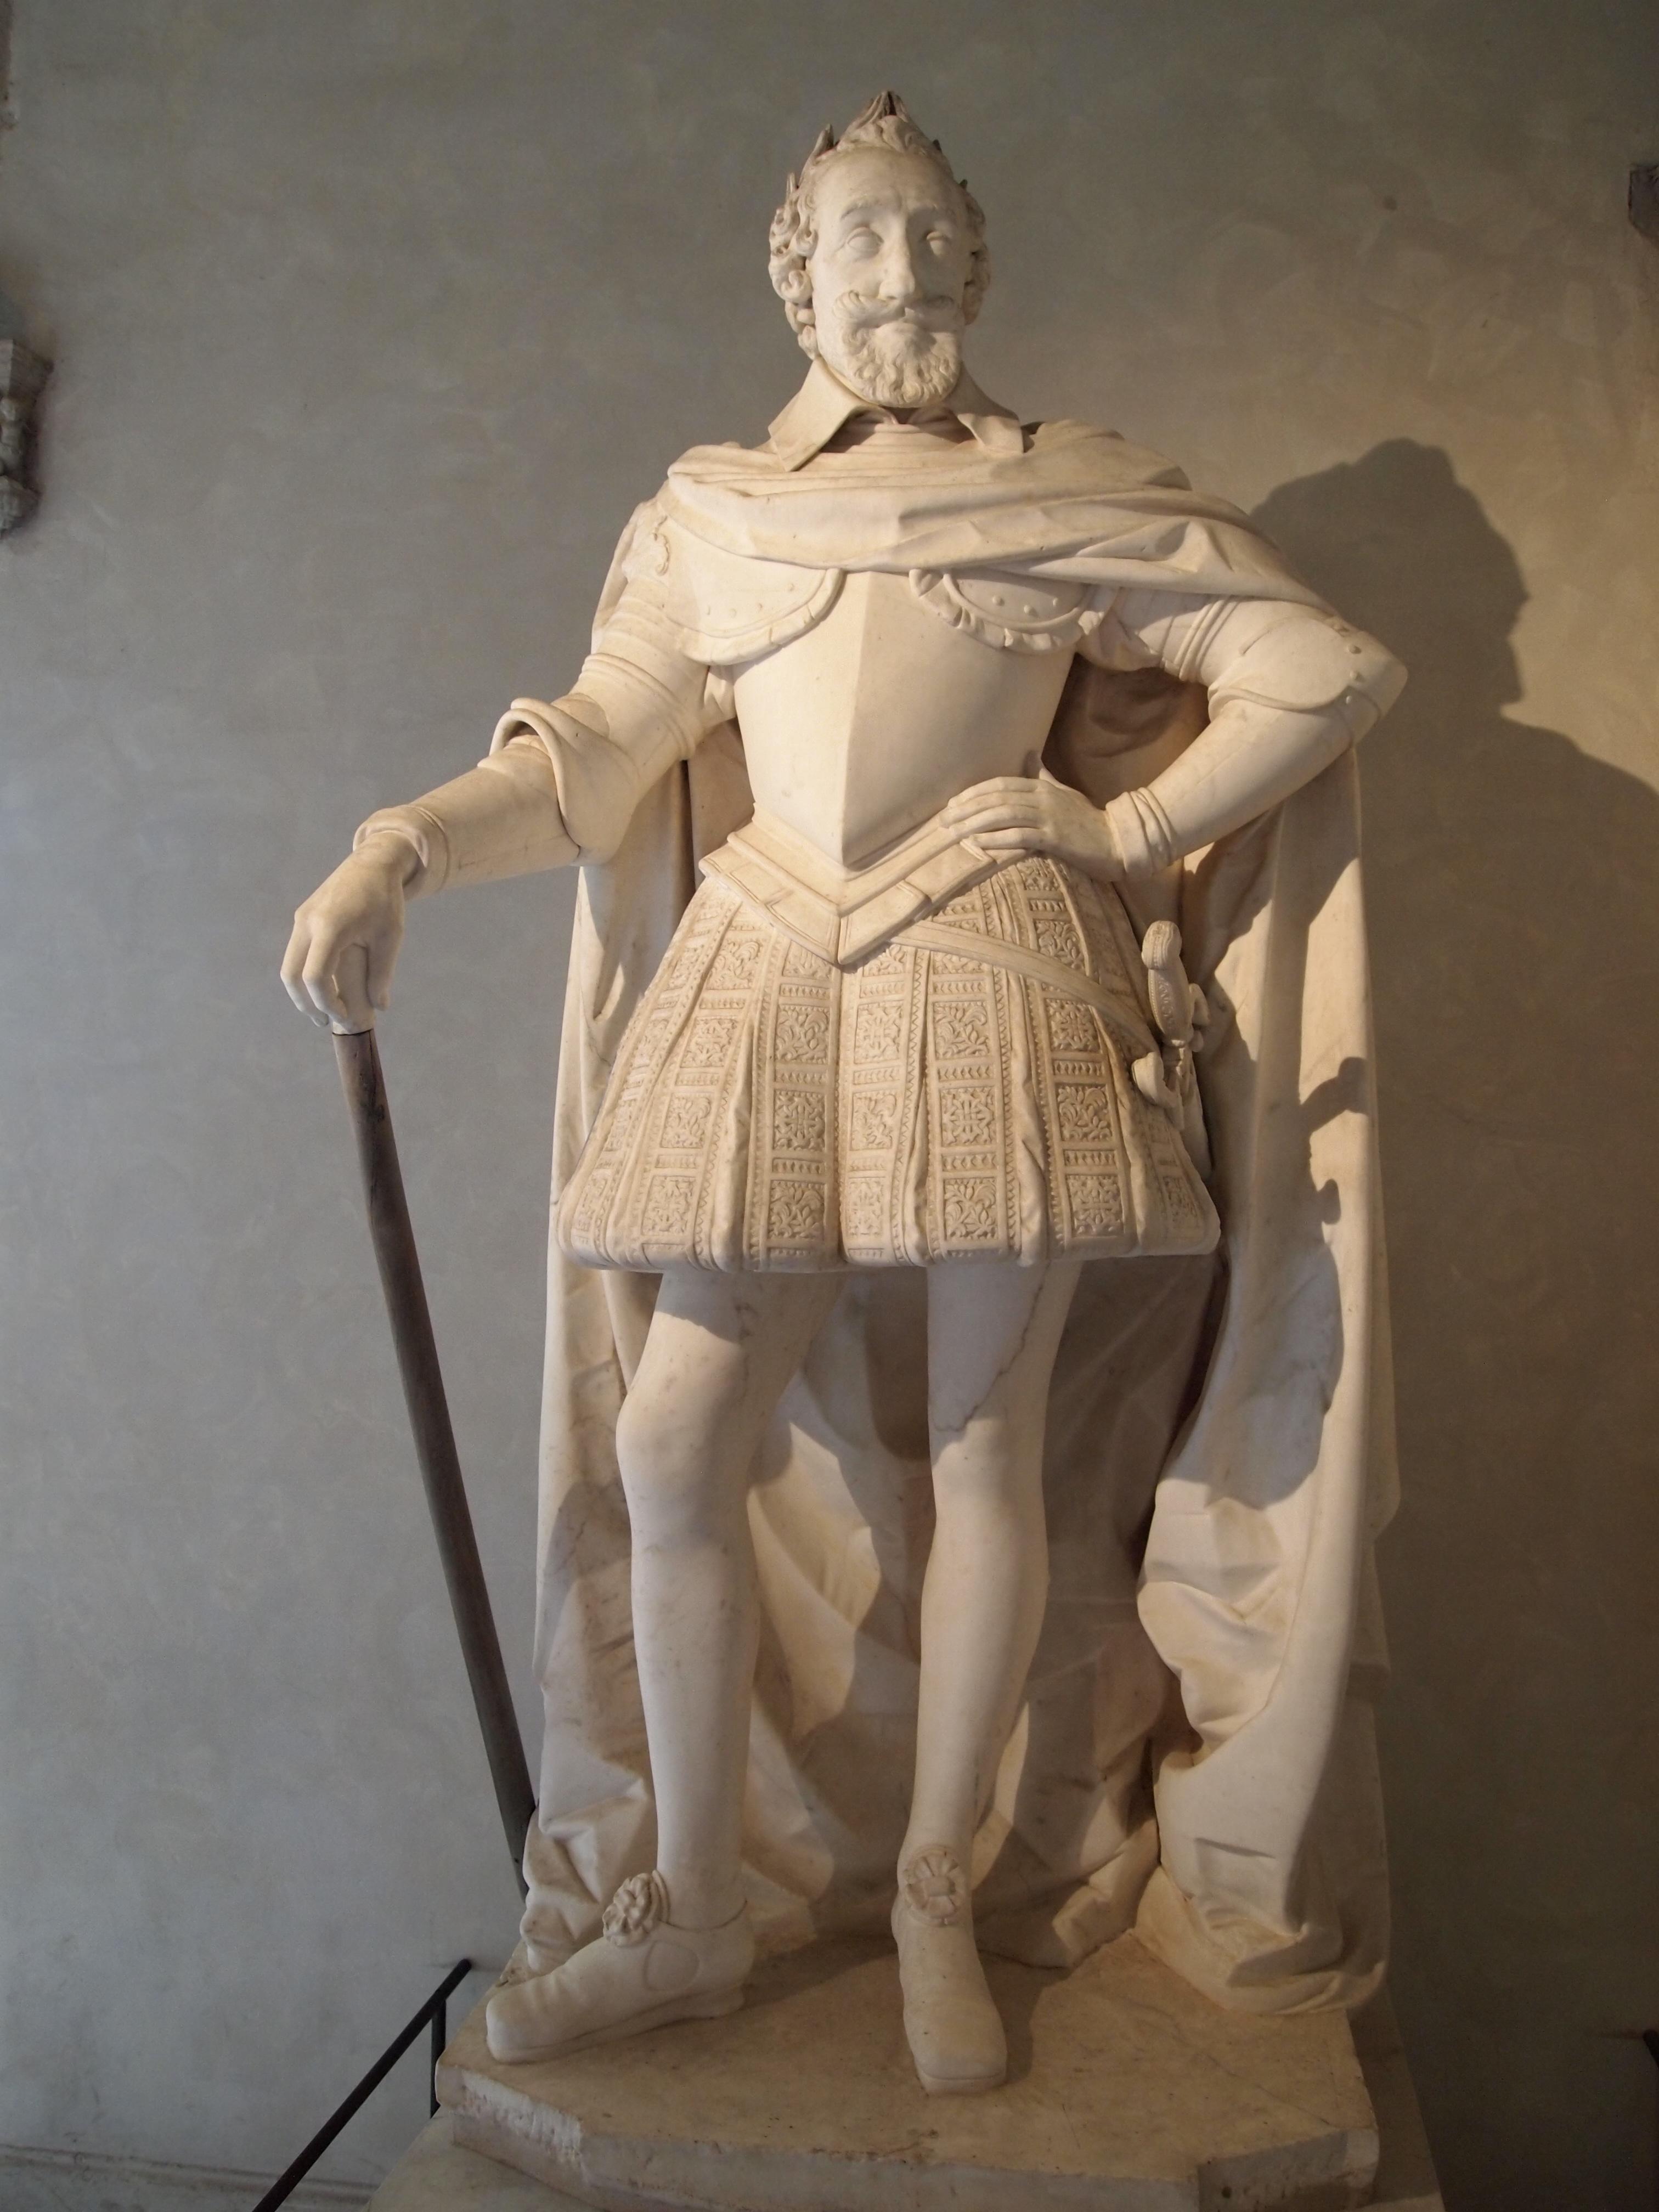 Henri IV en pied, sculpture de Barthélemy Tremblay (vers 1578-1629)